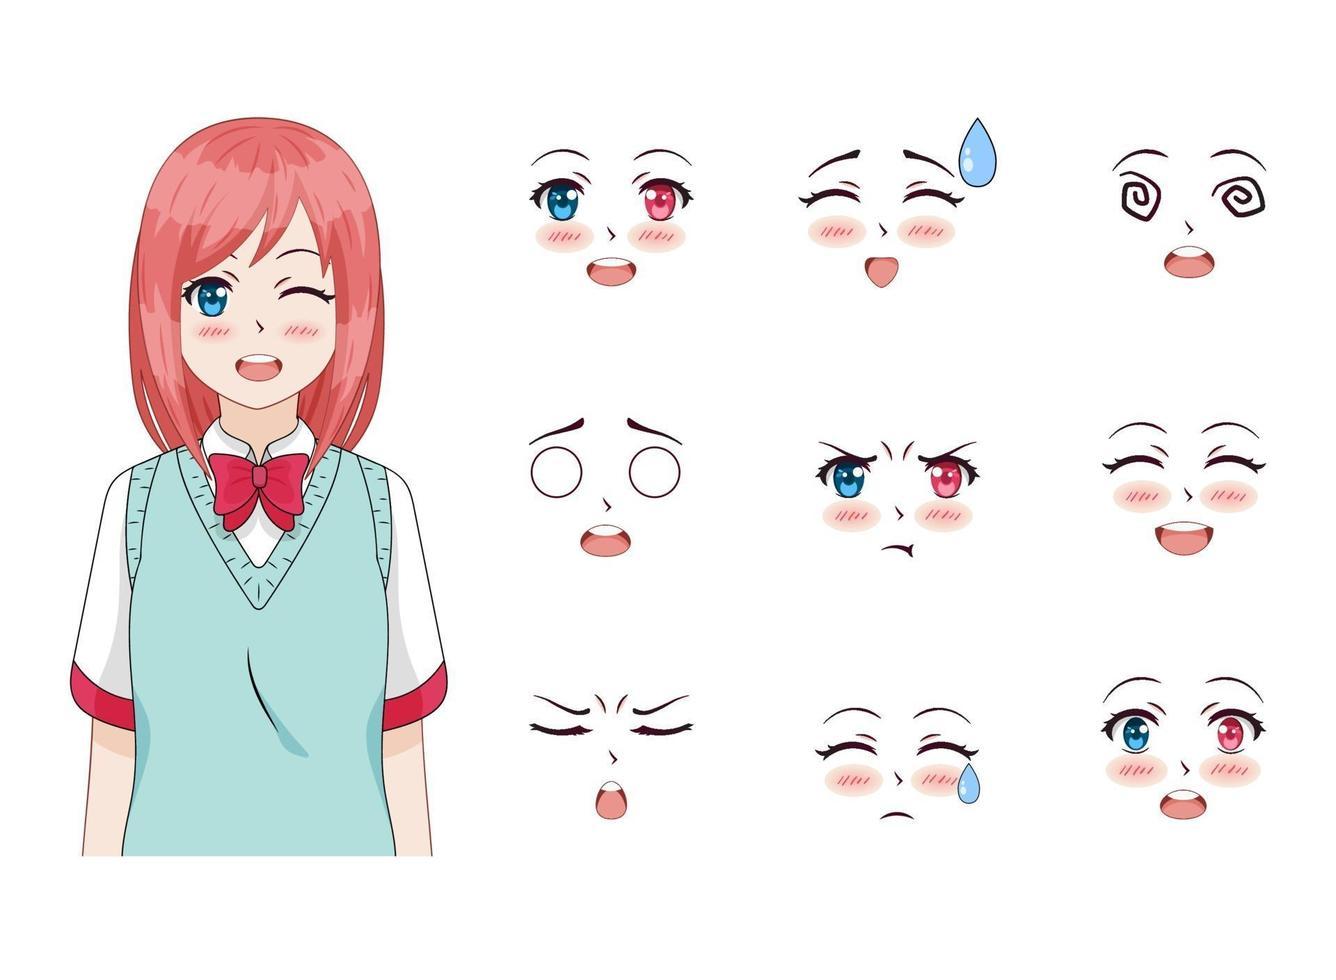 söt anime flicka vektor